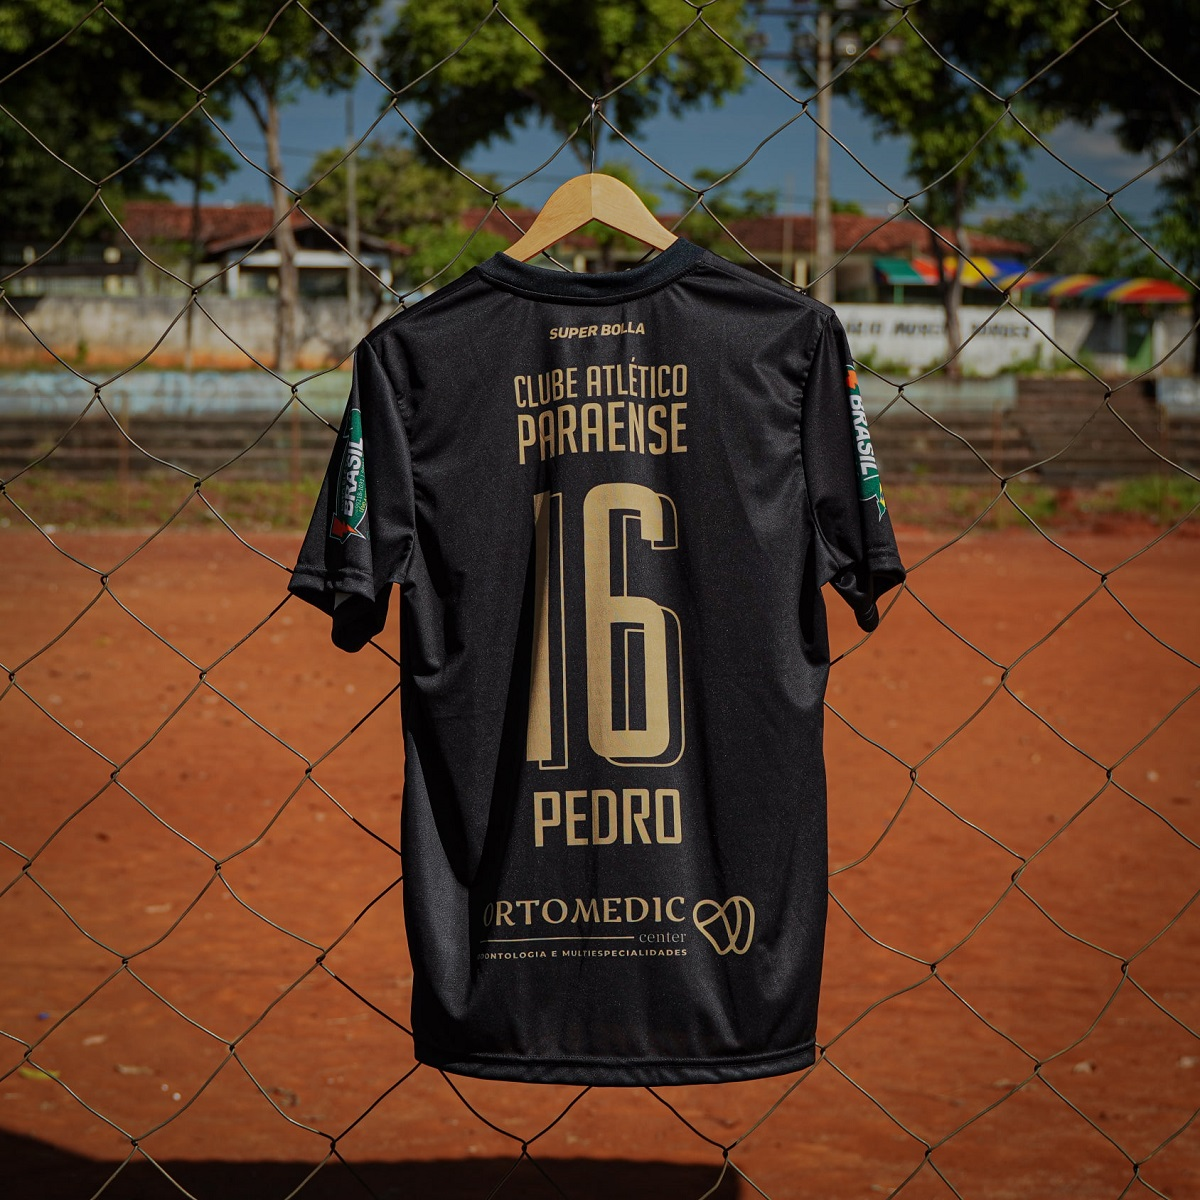 Camisas do Atlético Paraense 2021-2022 Super Bolla